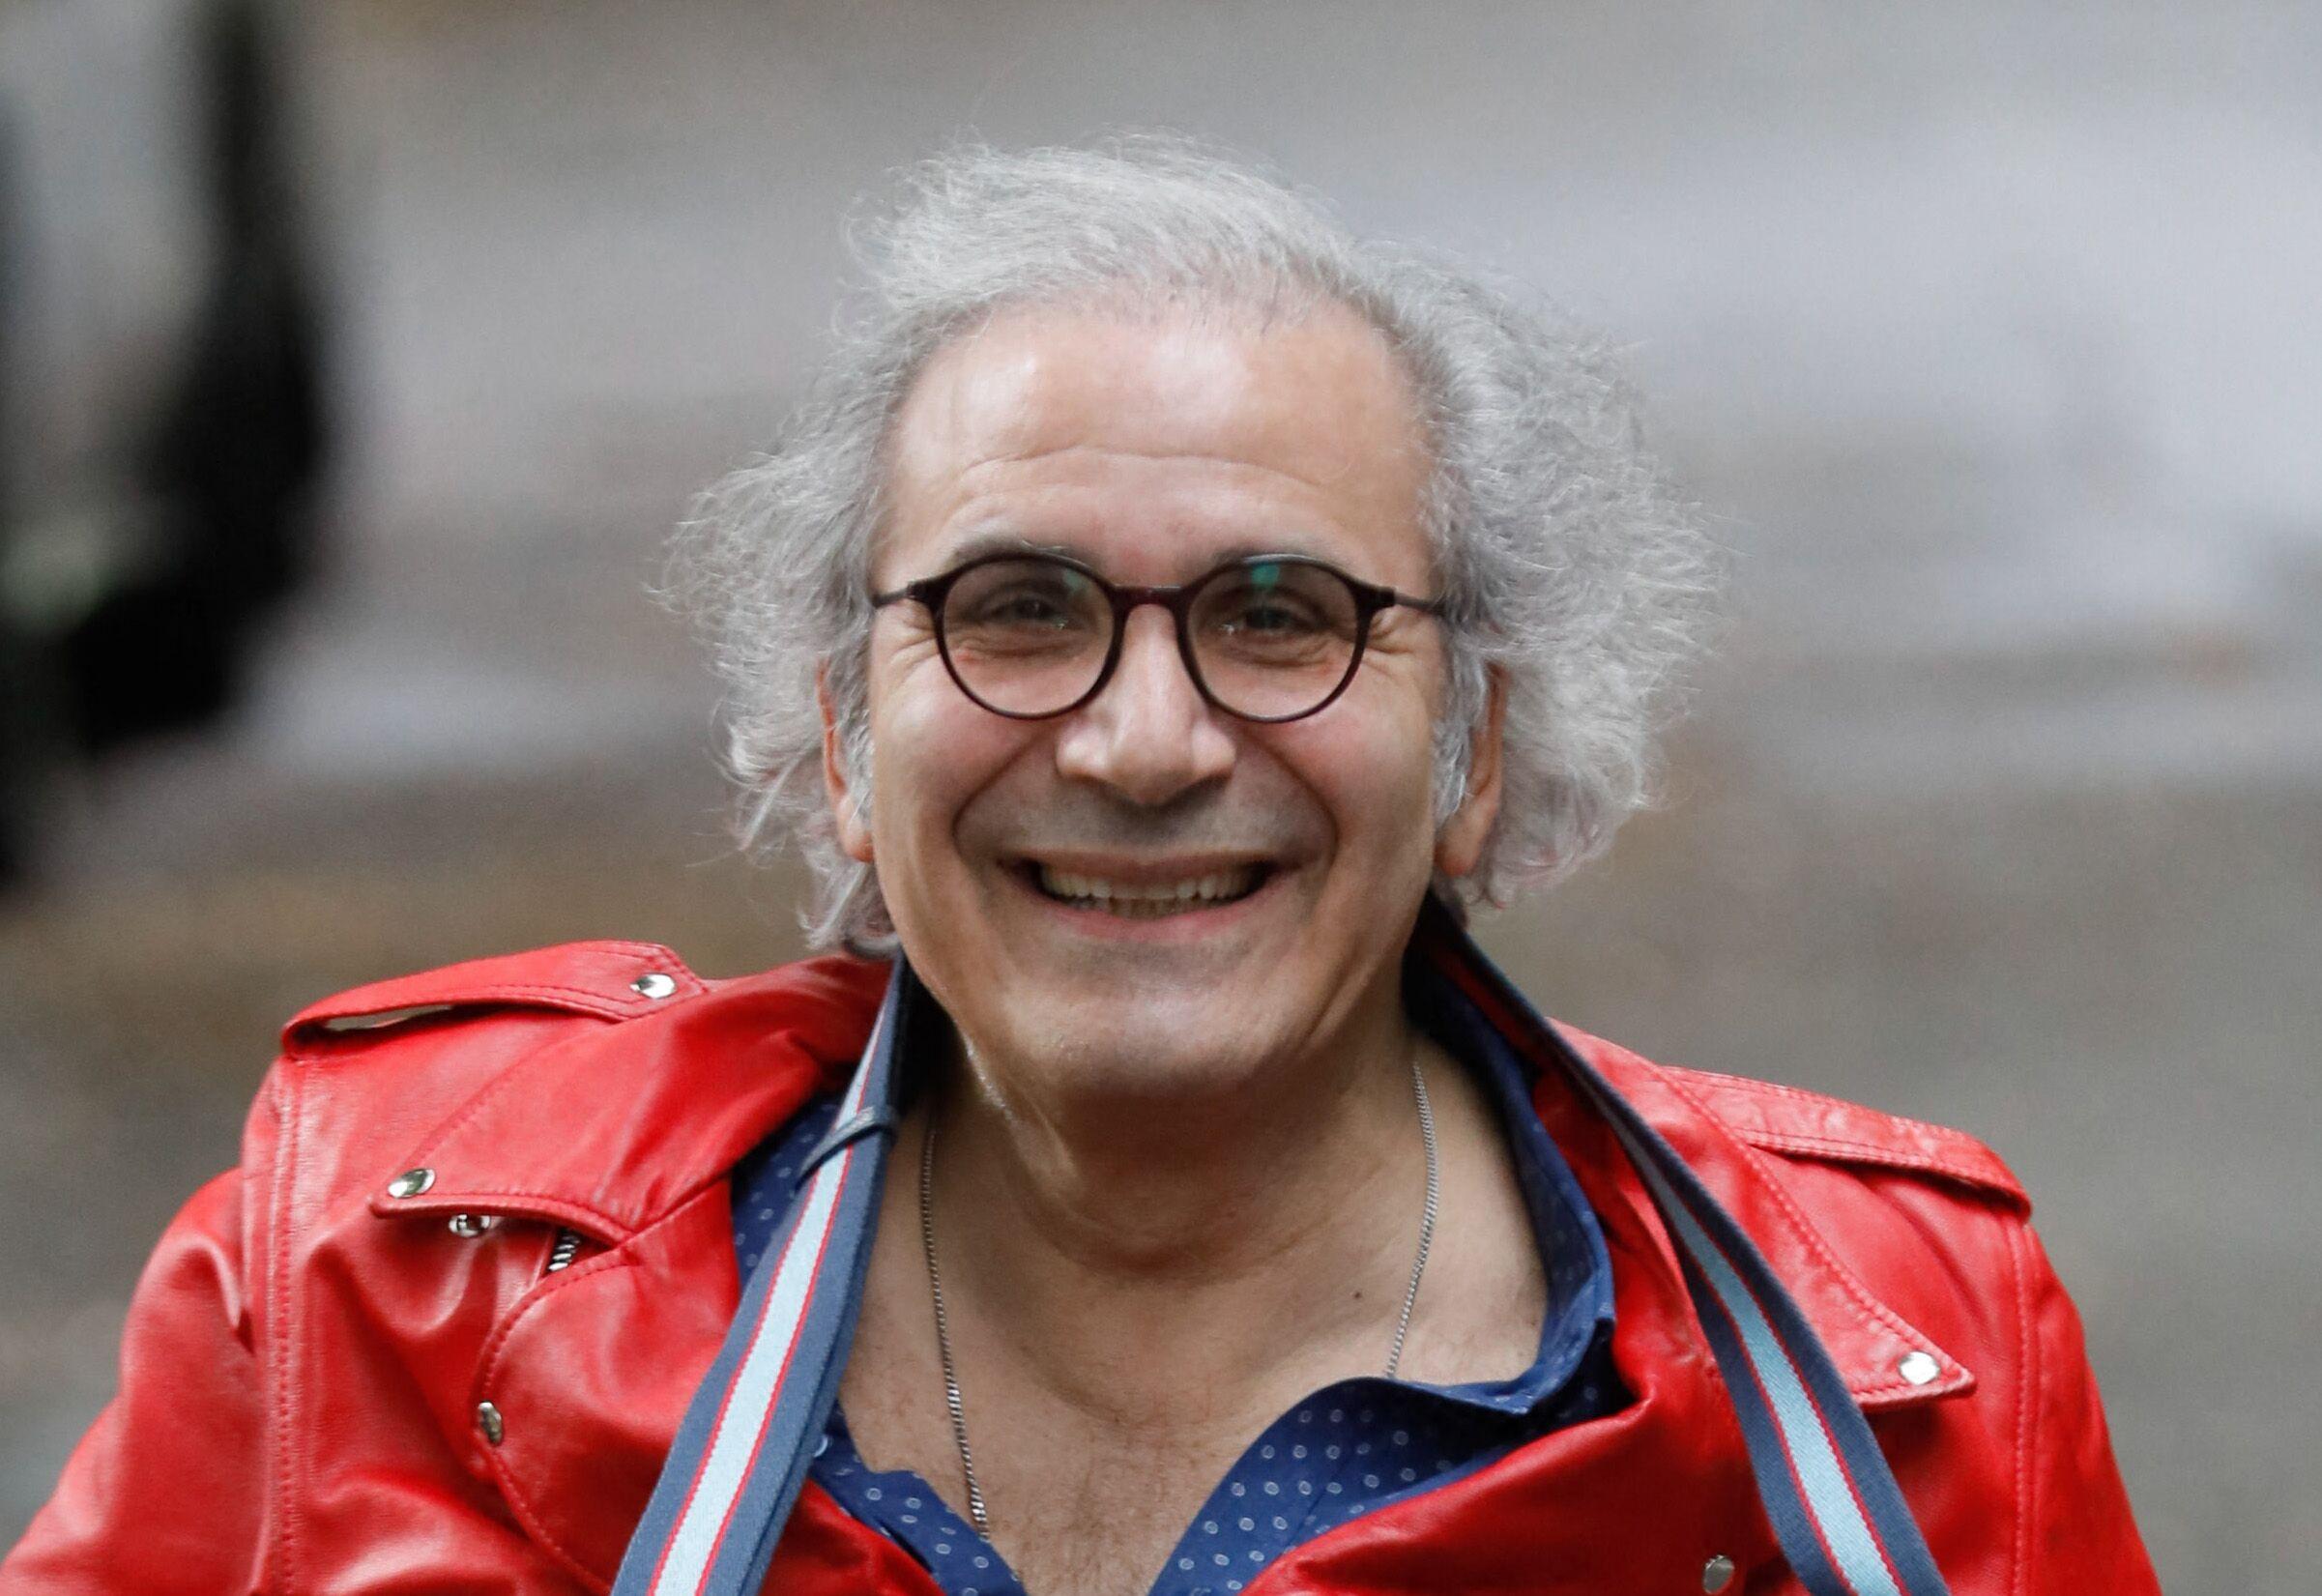 Casting nombreux figurants pour le tournage du prochain clip de Frédéric Zeitoun